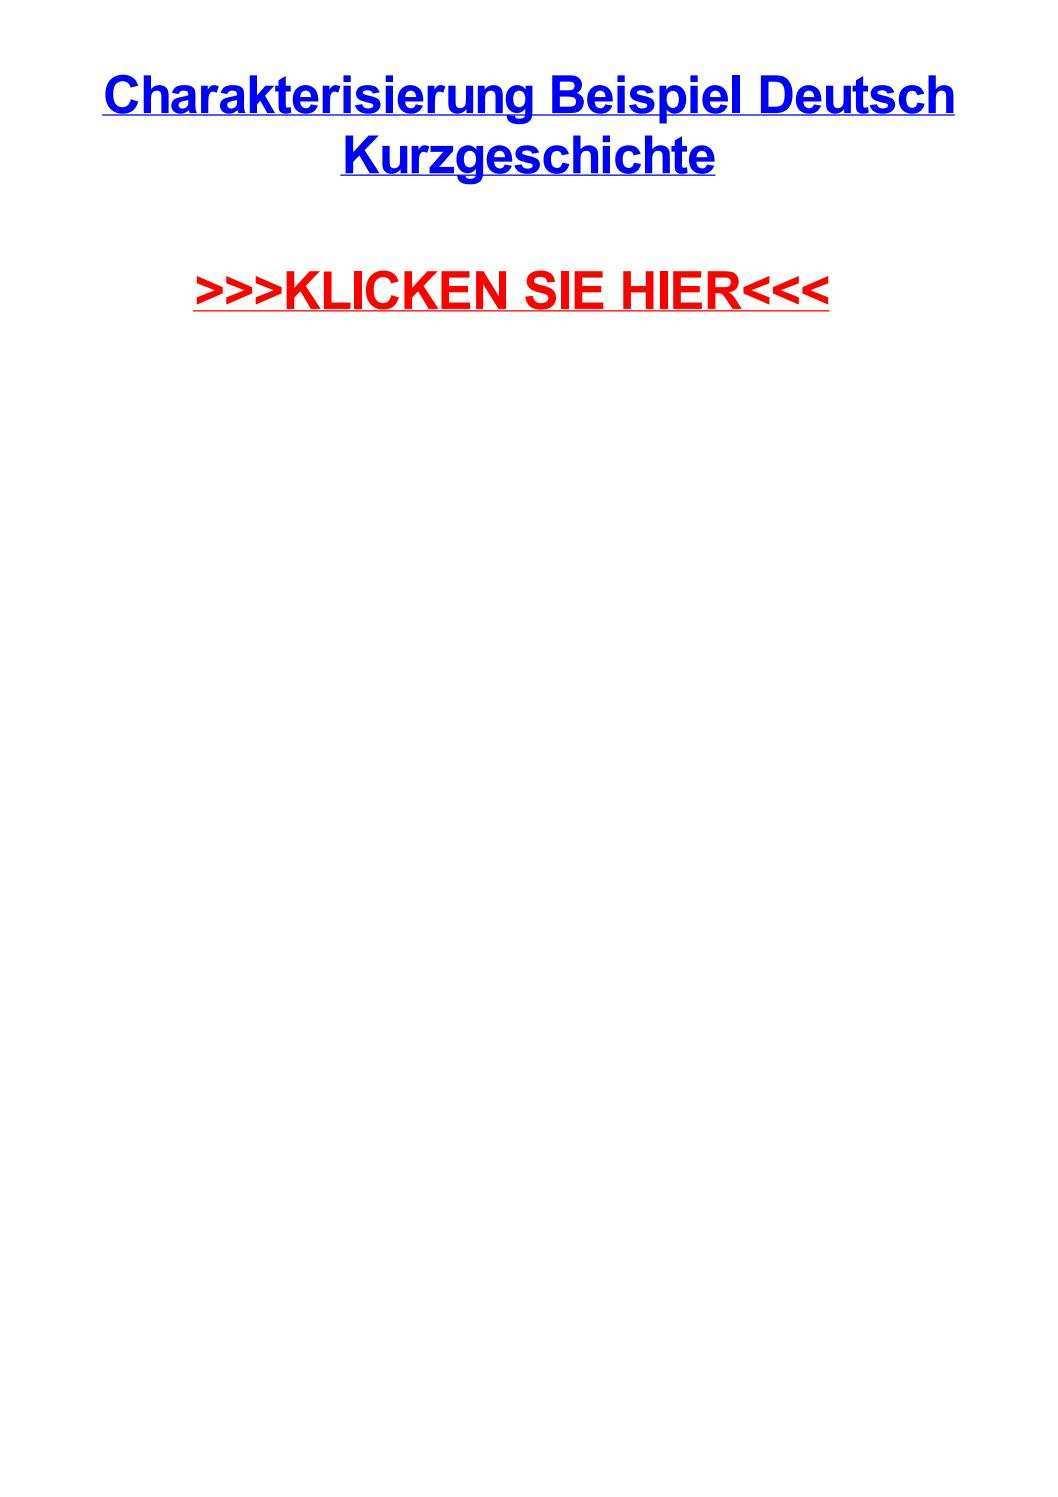 Charakterisierung Beispiel Deutsch Kurzgeschichte By Amyohwb Issuu